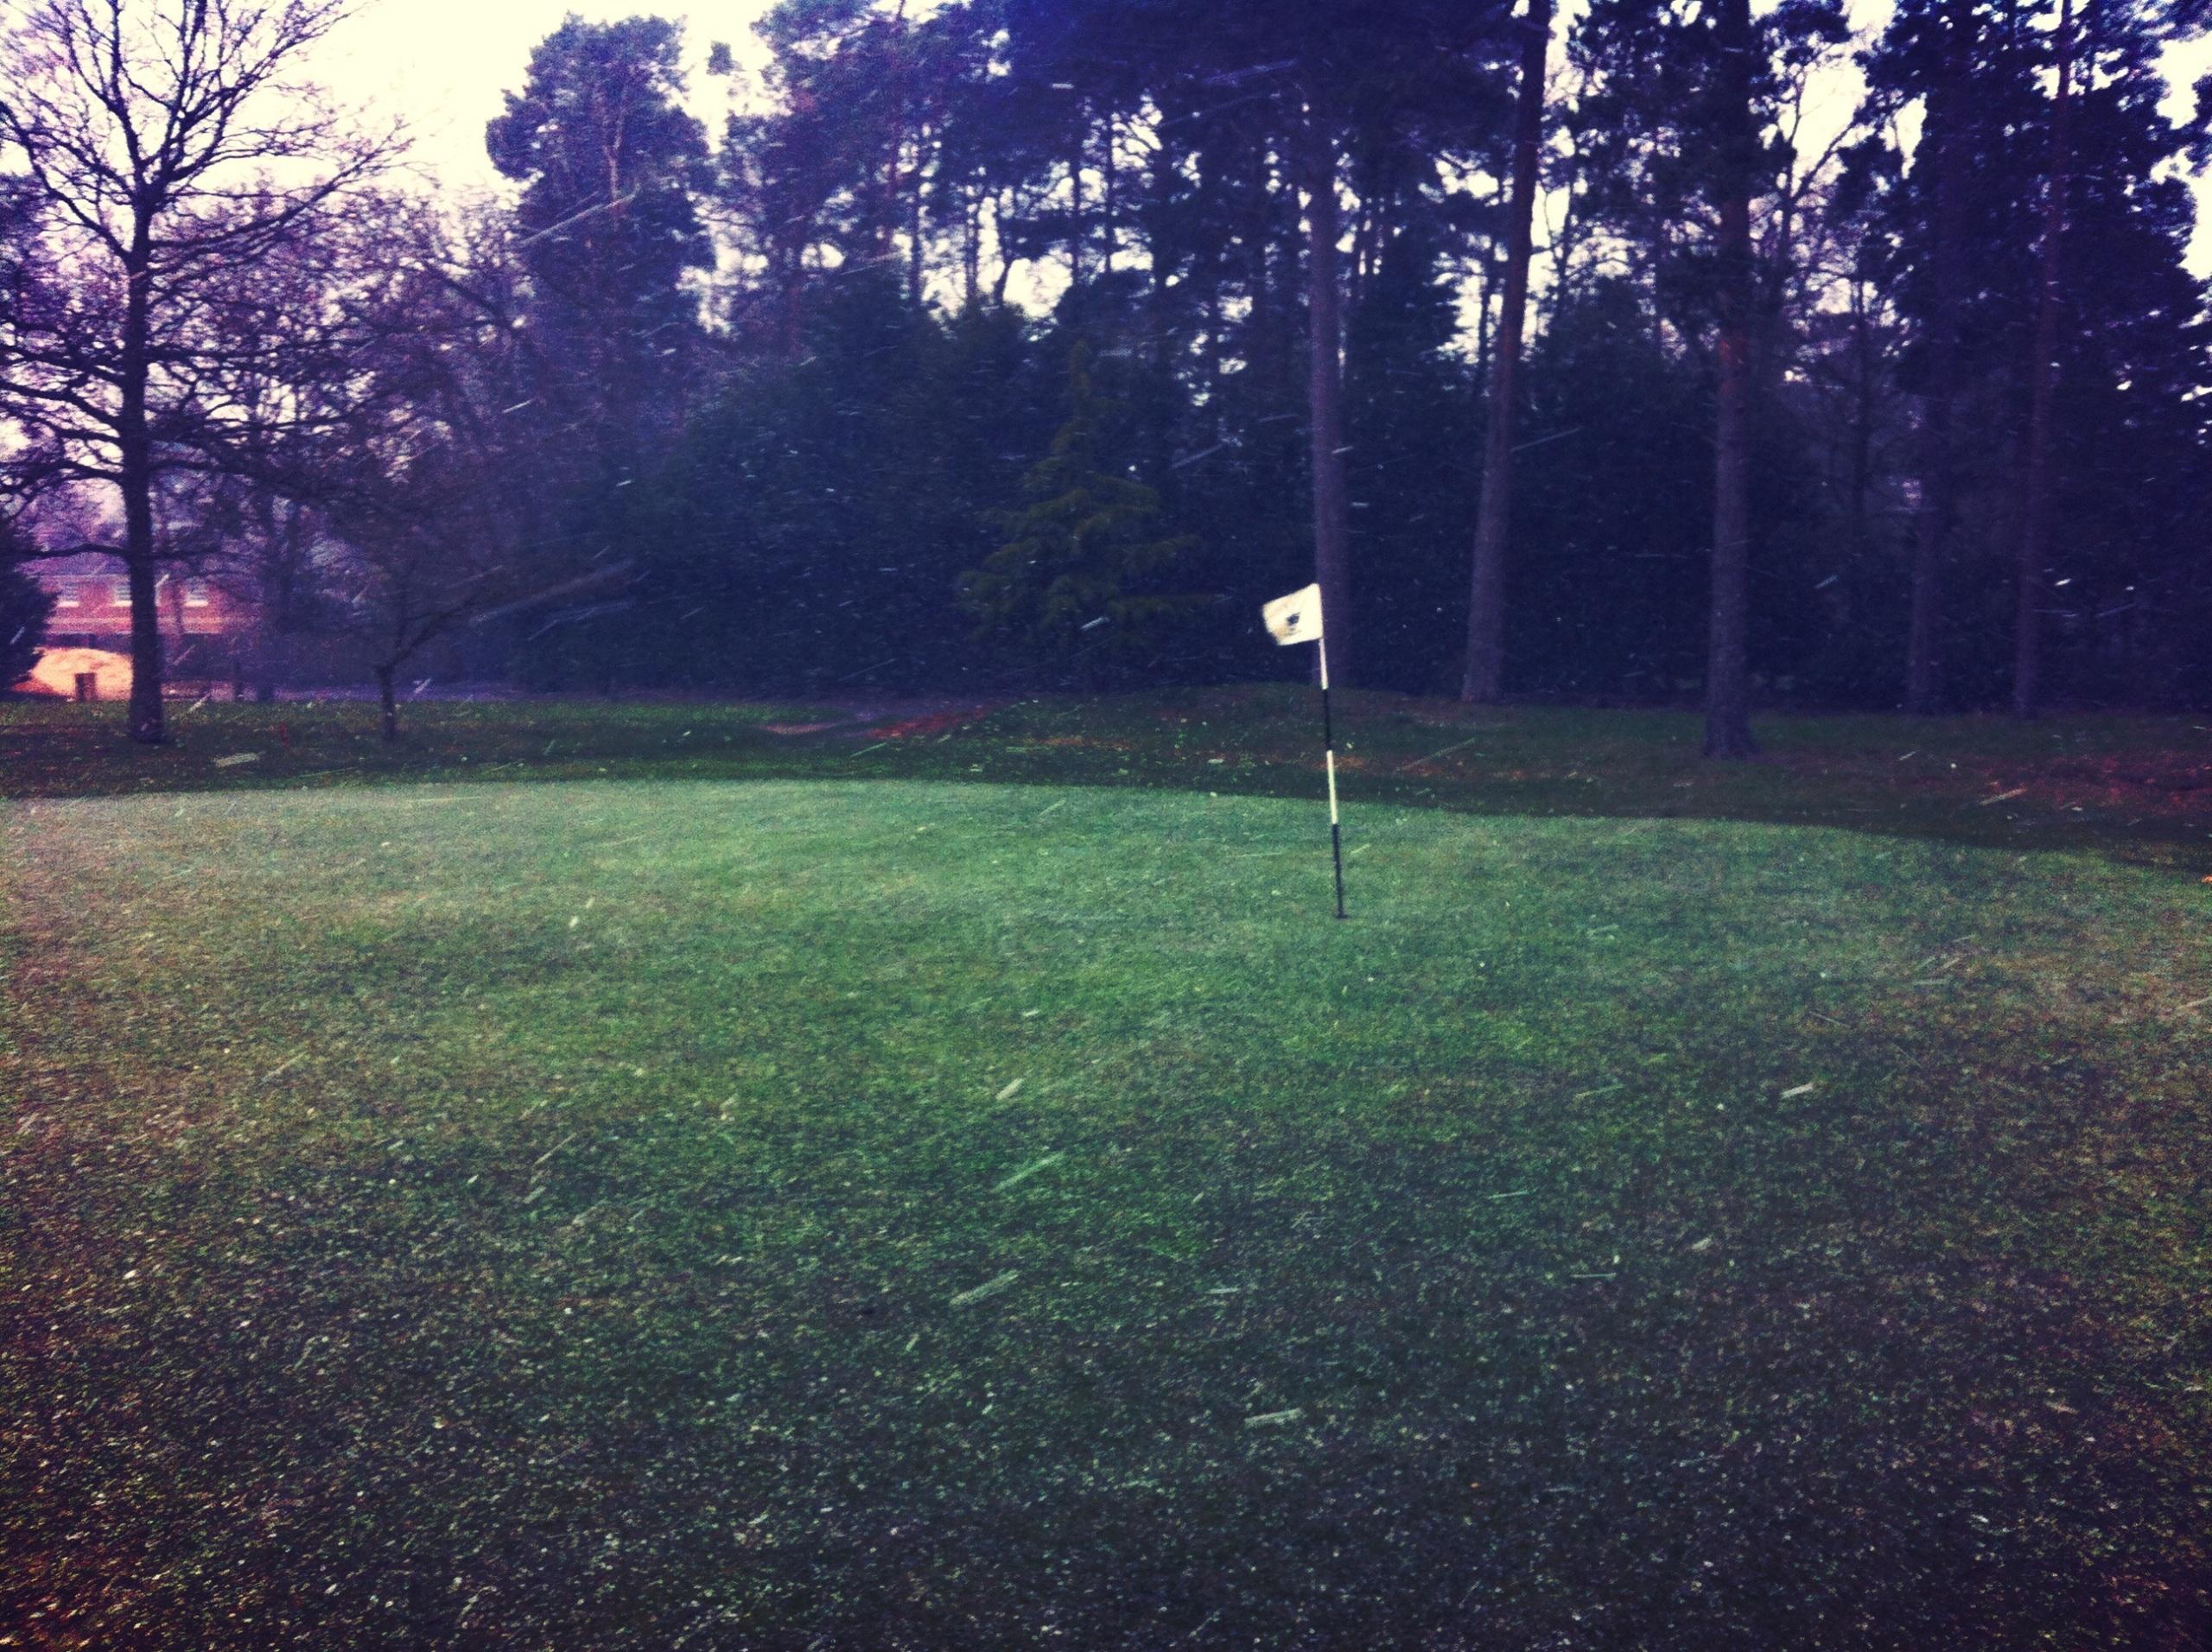 Worplesdon Golf Club